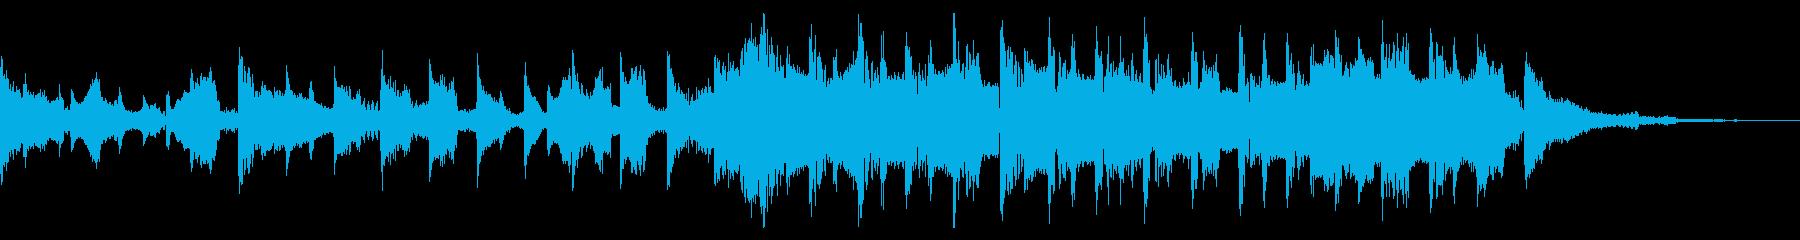 ゆったりテンポのリラクゼーションBGMの再生済みの波形